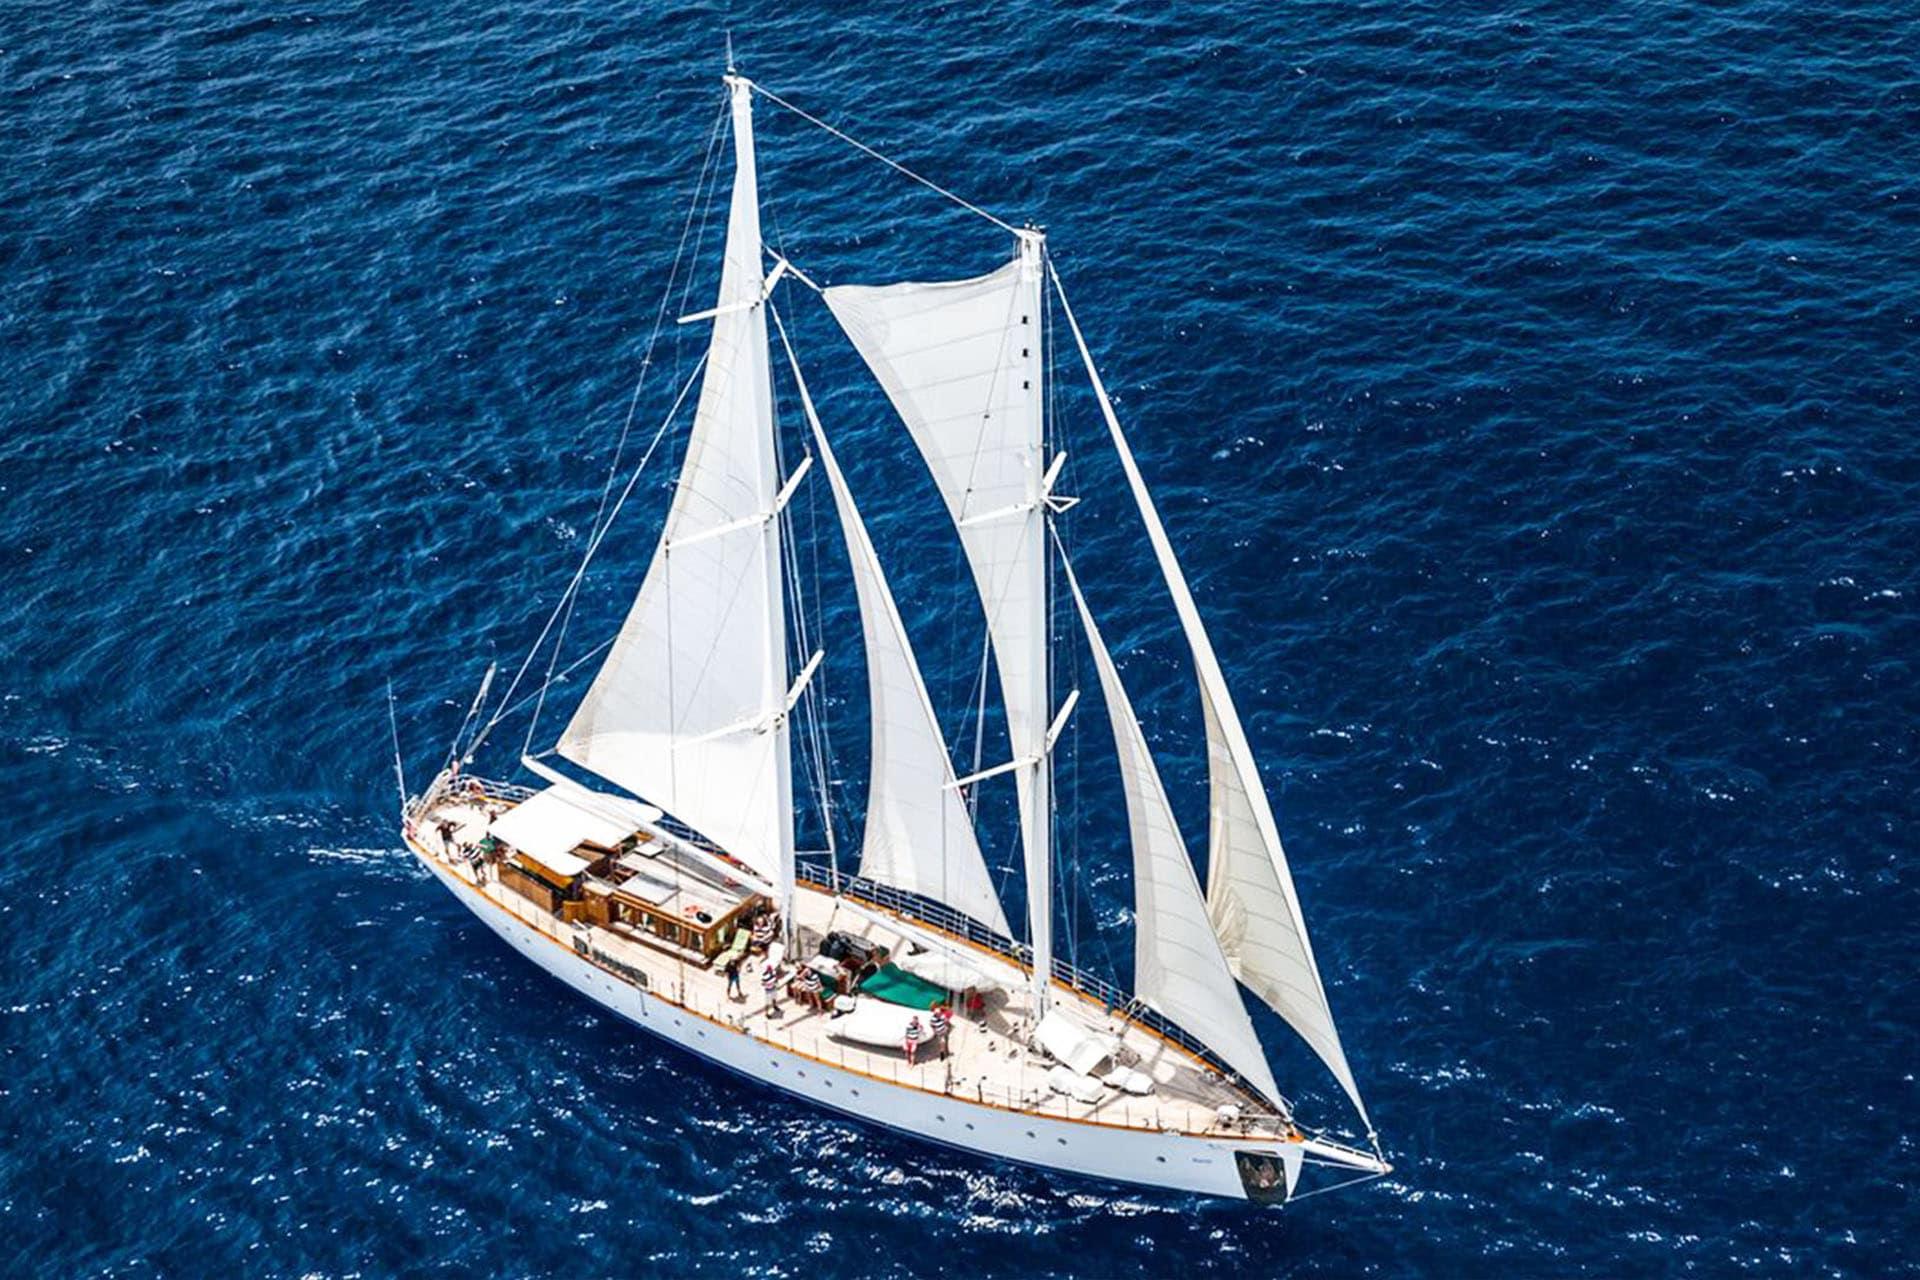 Kairos schooner